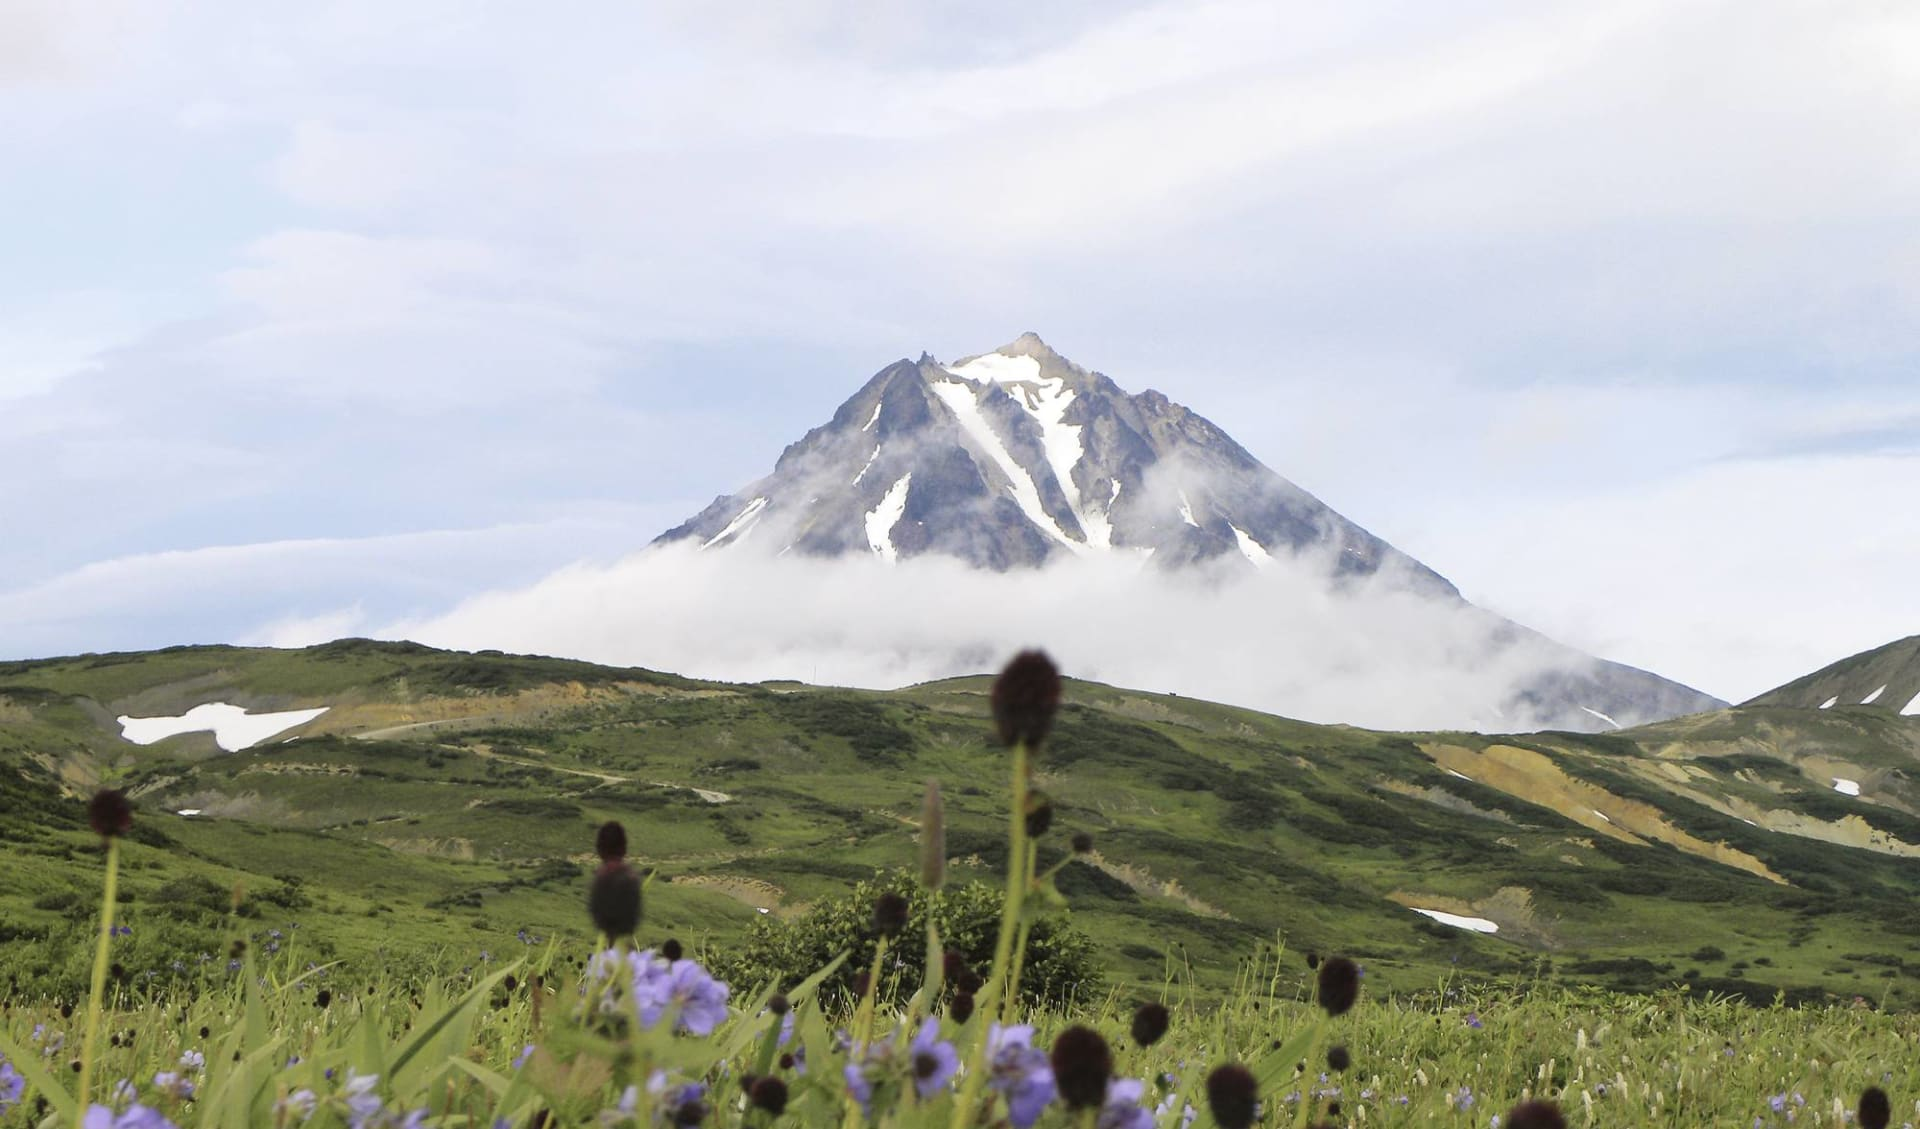 Vulkane, Geysire und Bären ab Petropawlowsk-Kamtschatka: Vulkane, Geysire und Bären_Mutnovsky-Vulkan